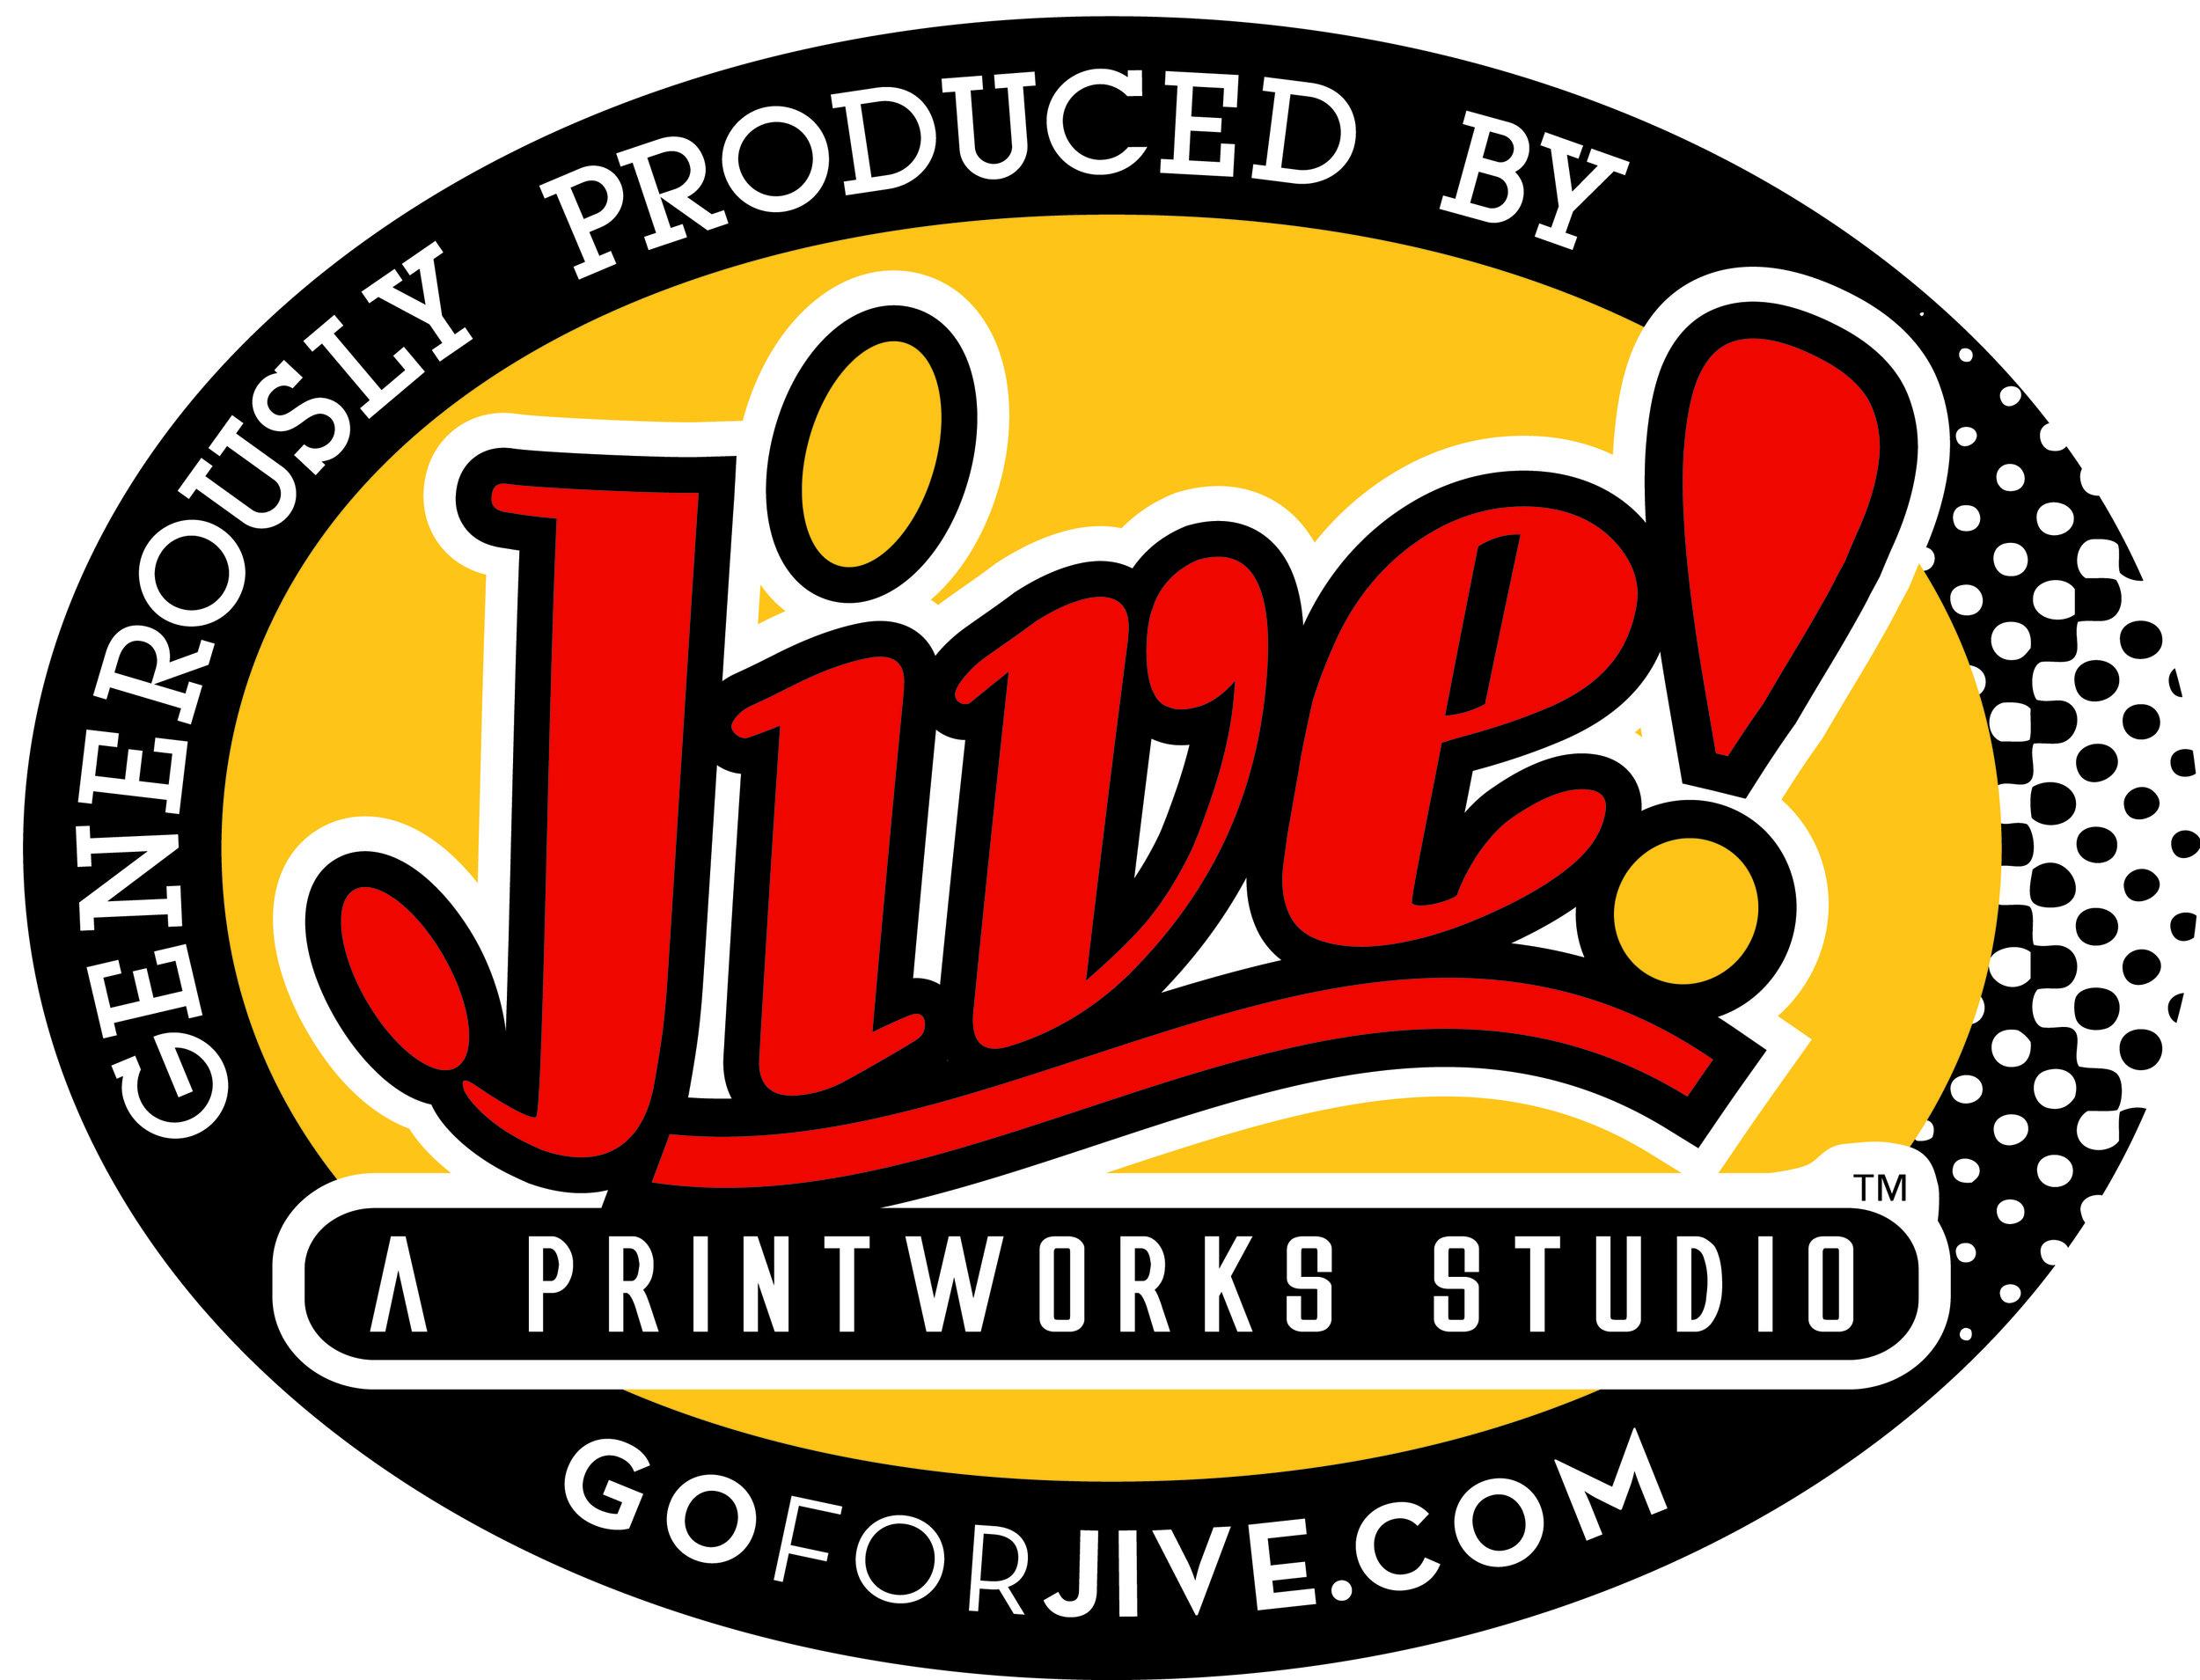 Jive! A Printworks Studio